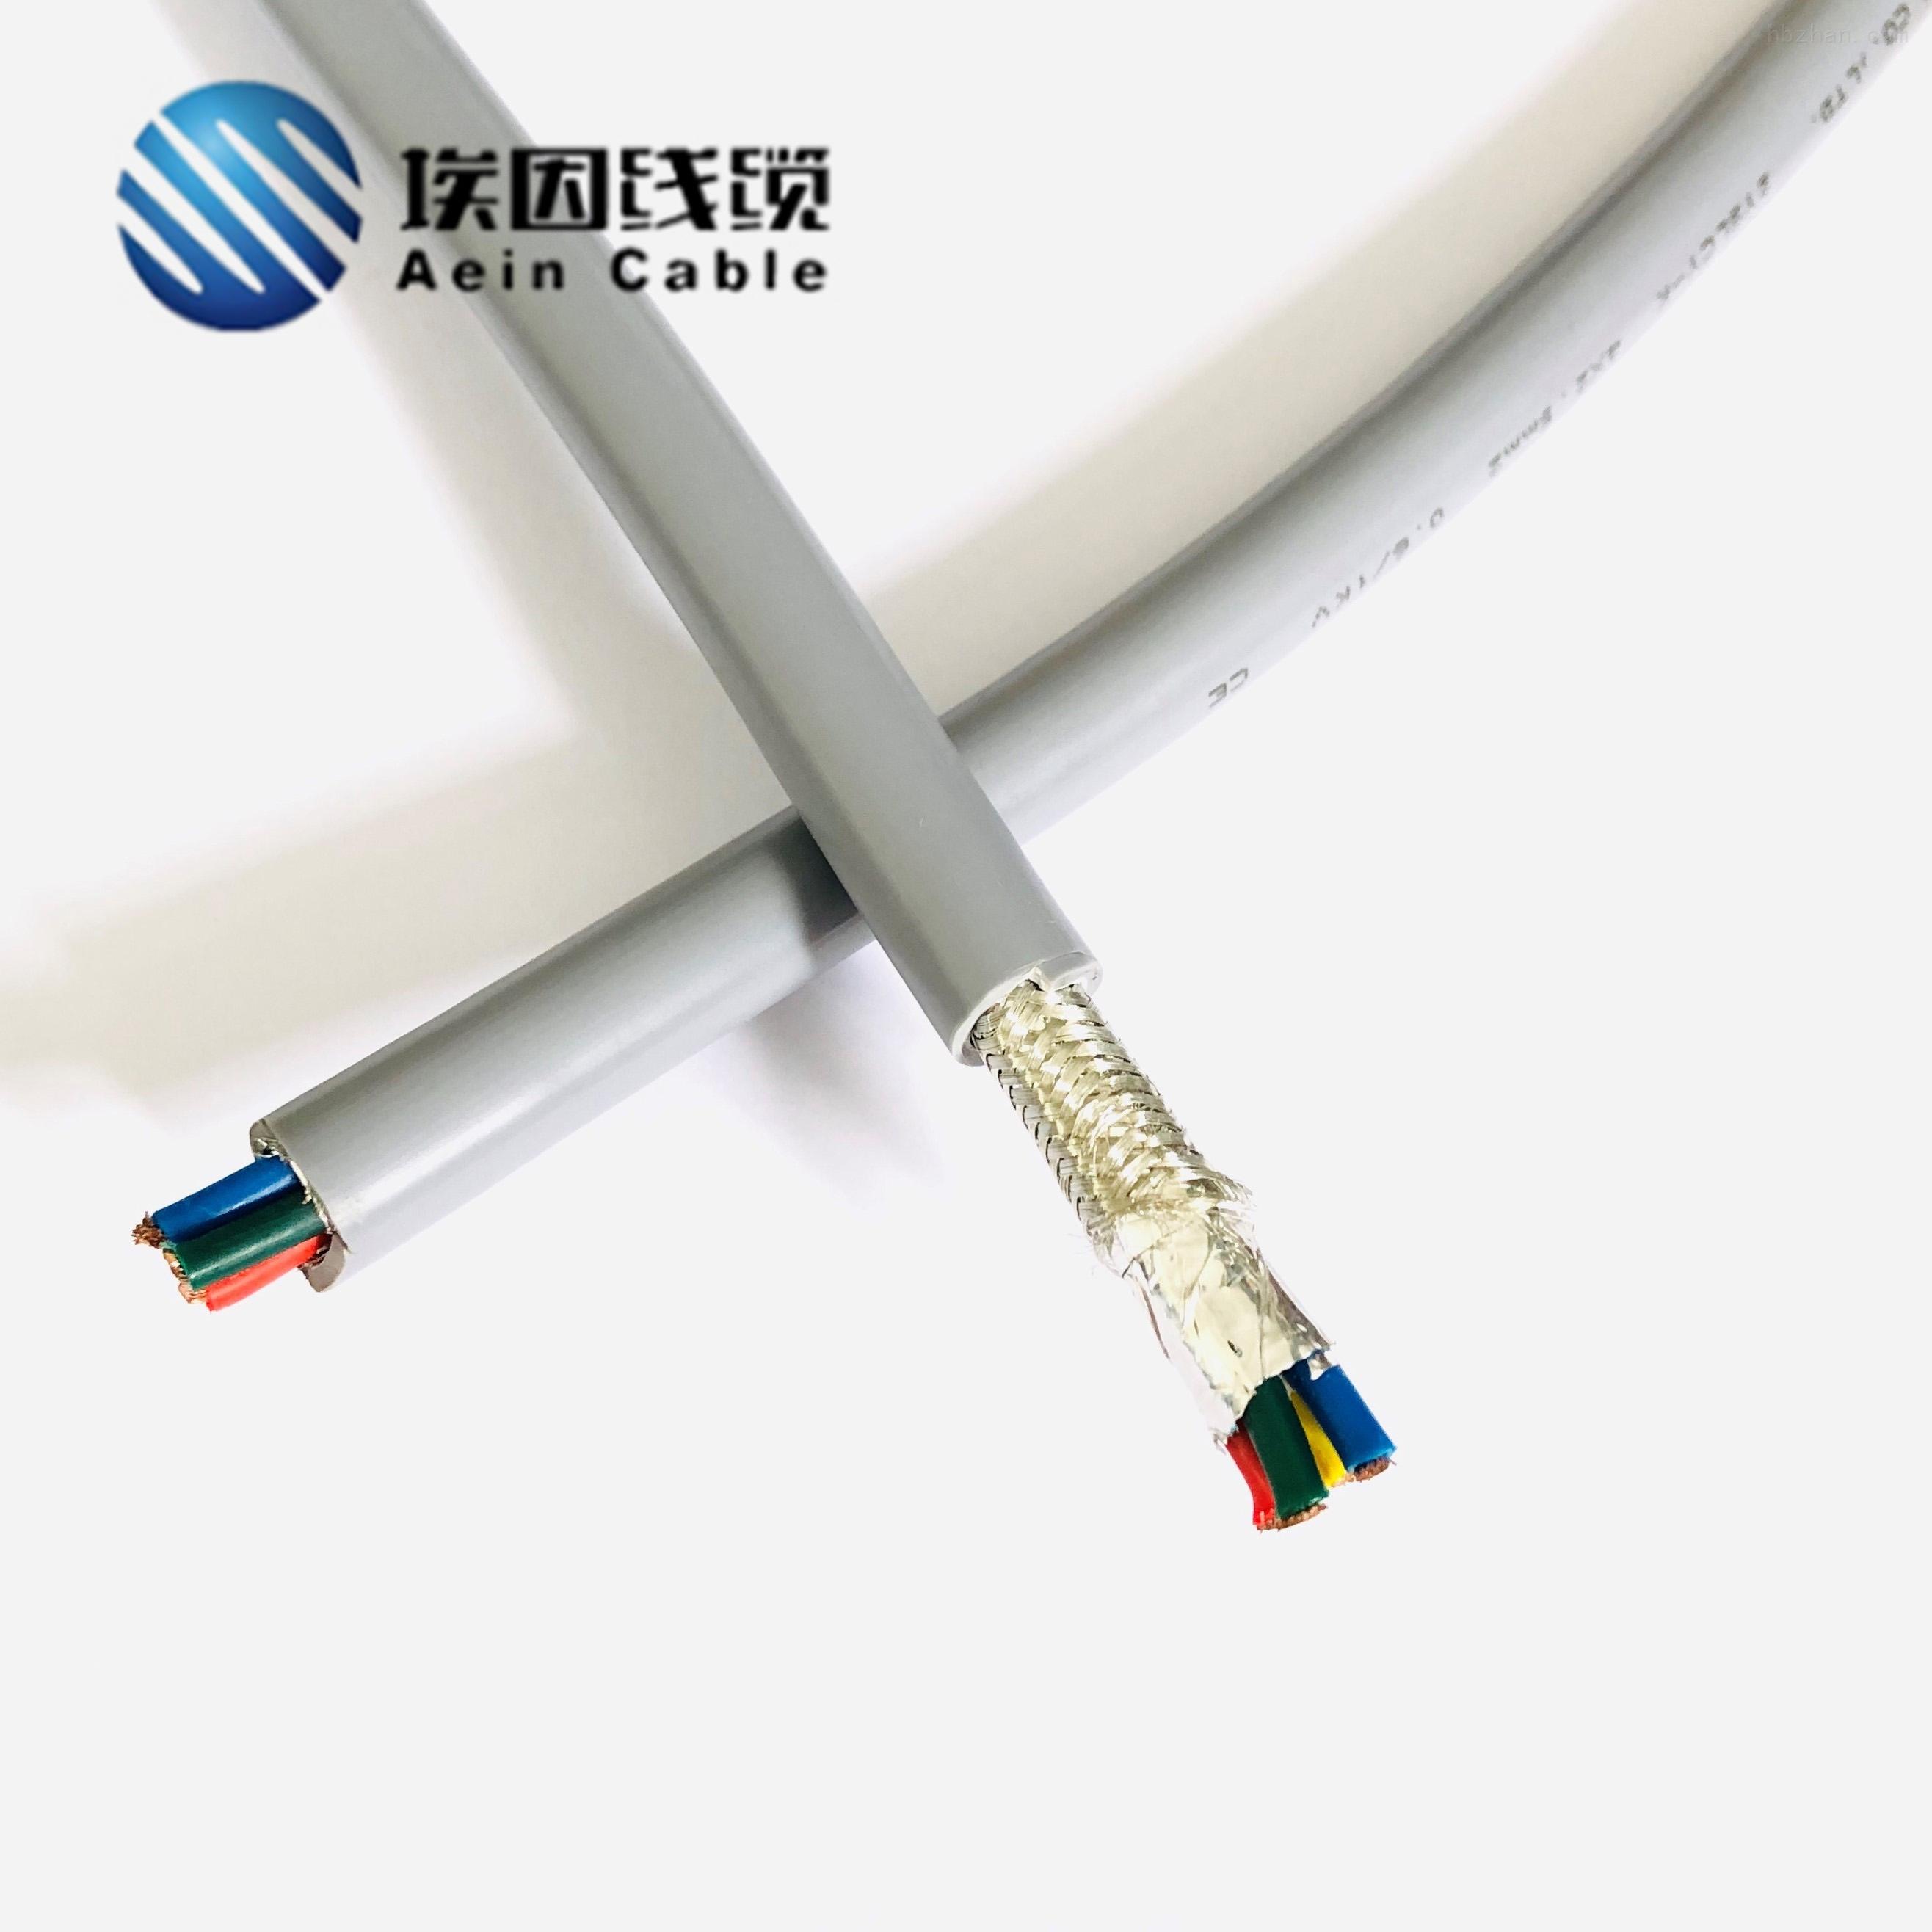 卷筒机专用电缆,防紫外线卷盘线